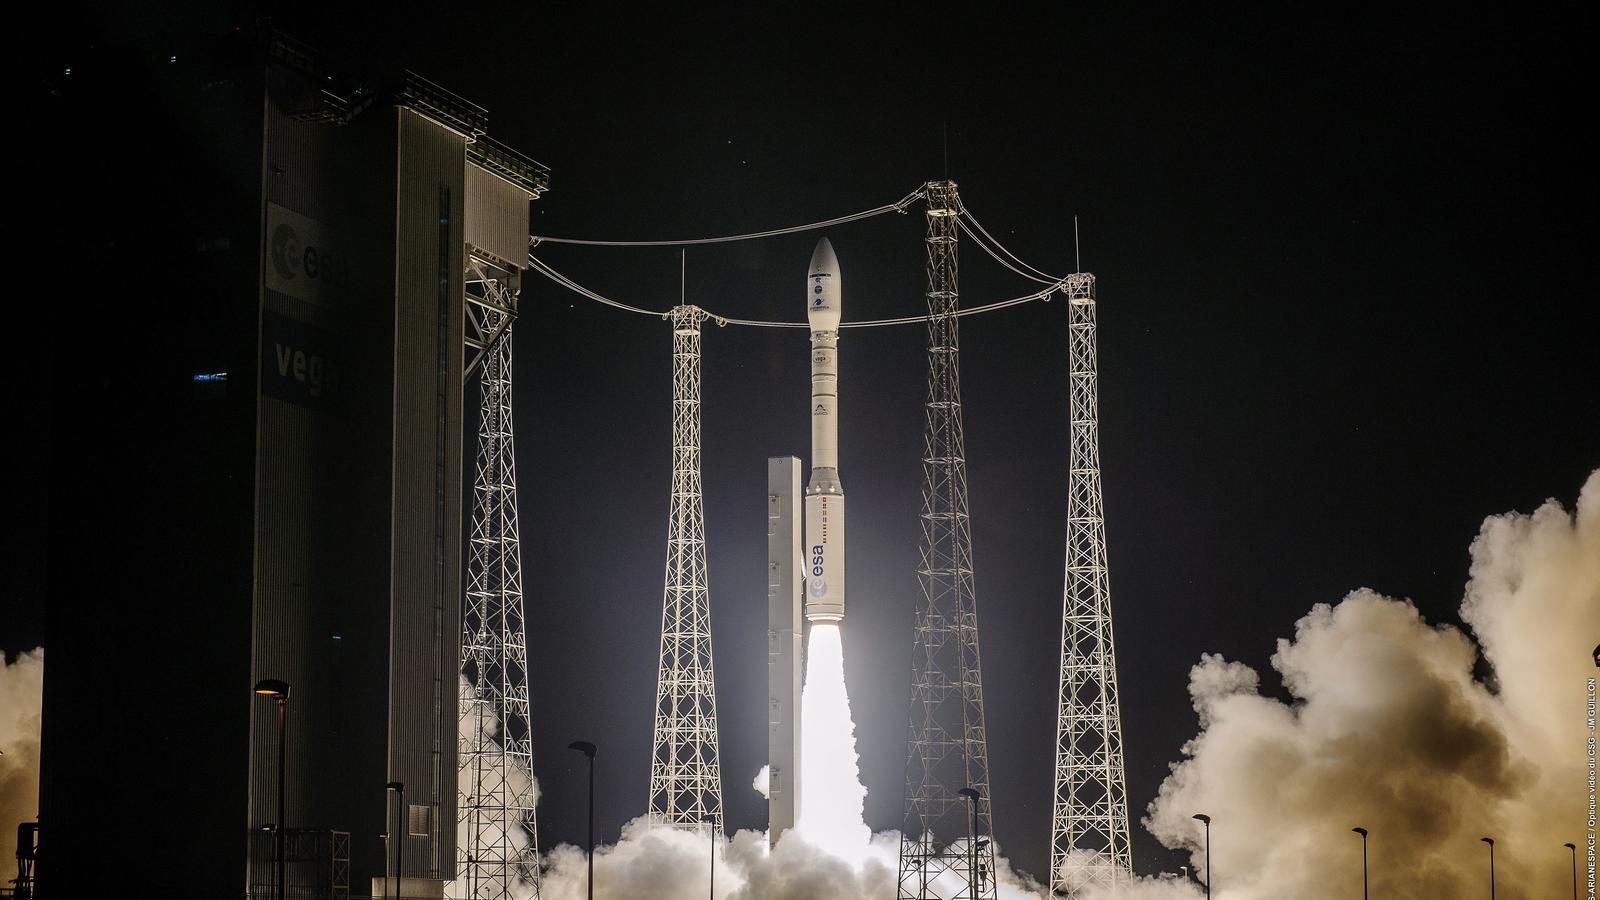 Enlairament del Vega amb el satèl·lit espanyol Ingenio